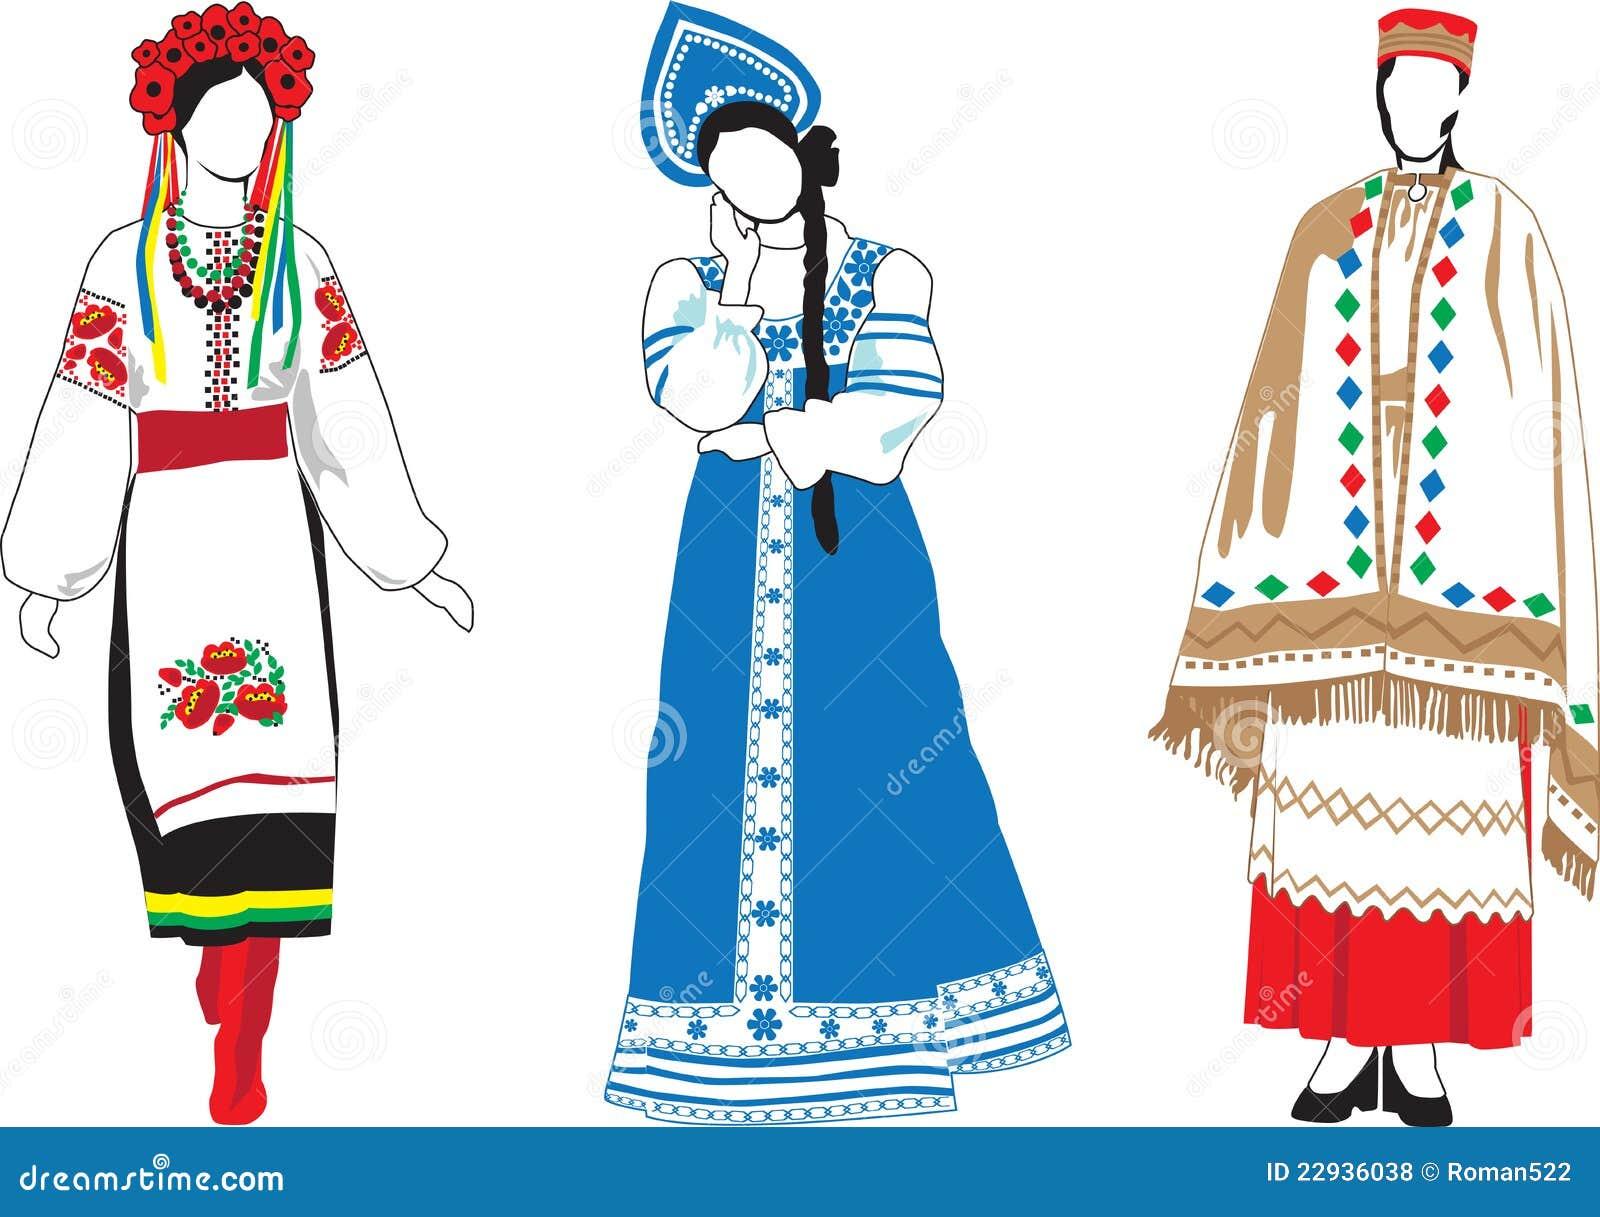 Женский национальный костюм рисунок